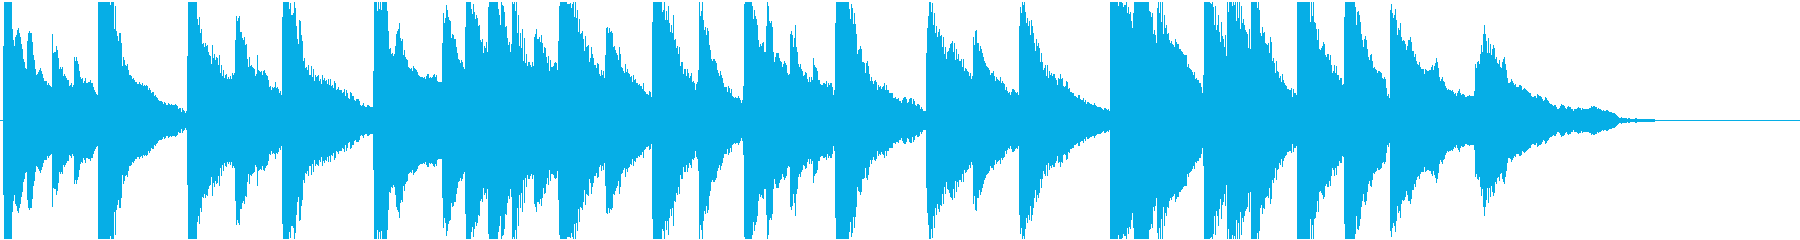 企業VP45 16bit48kHzVerの再生済みの波形